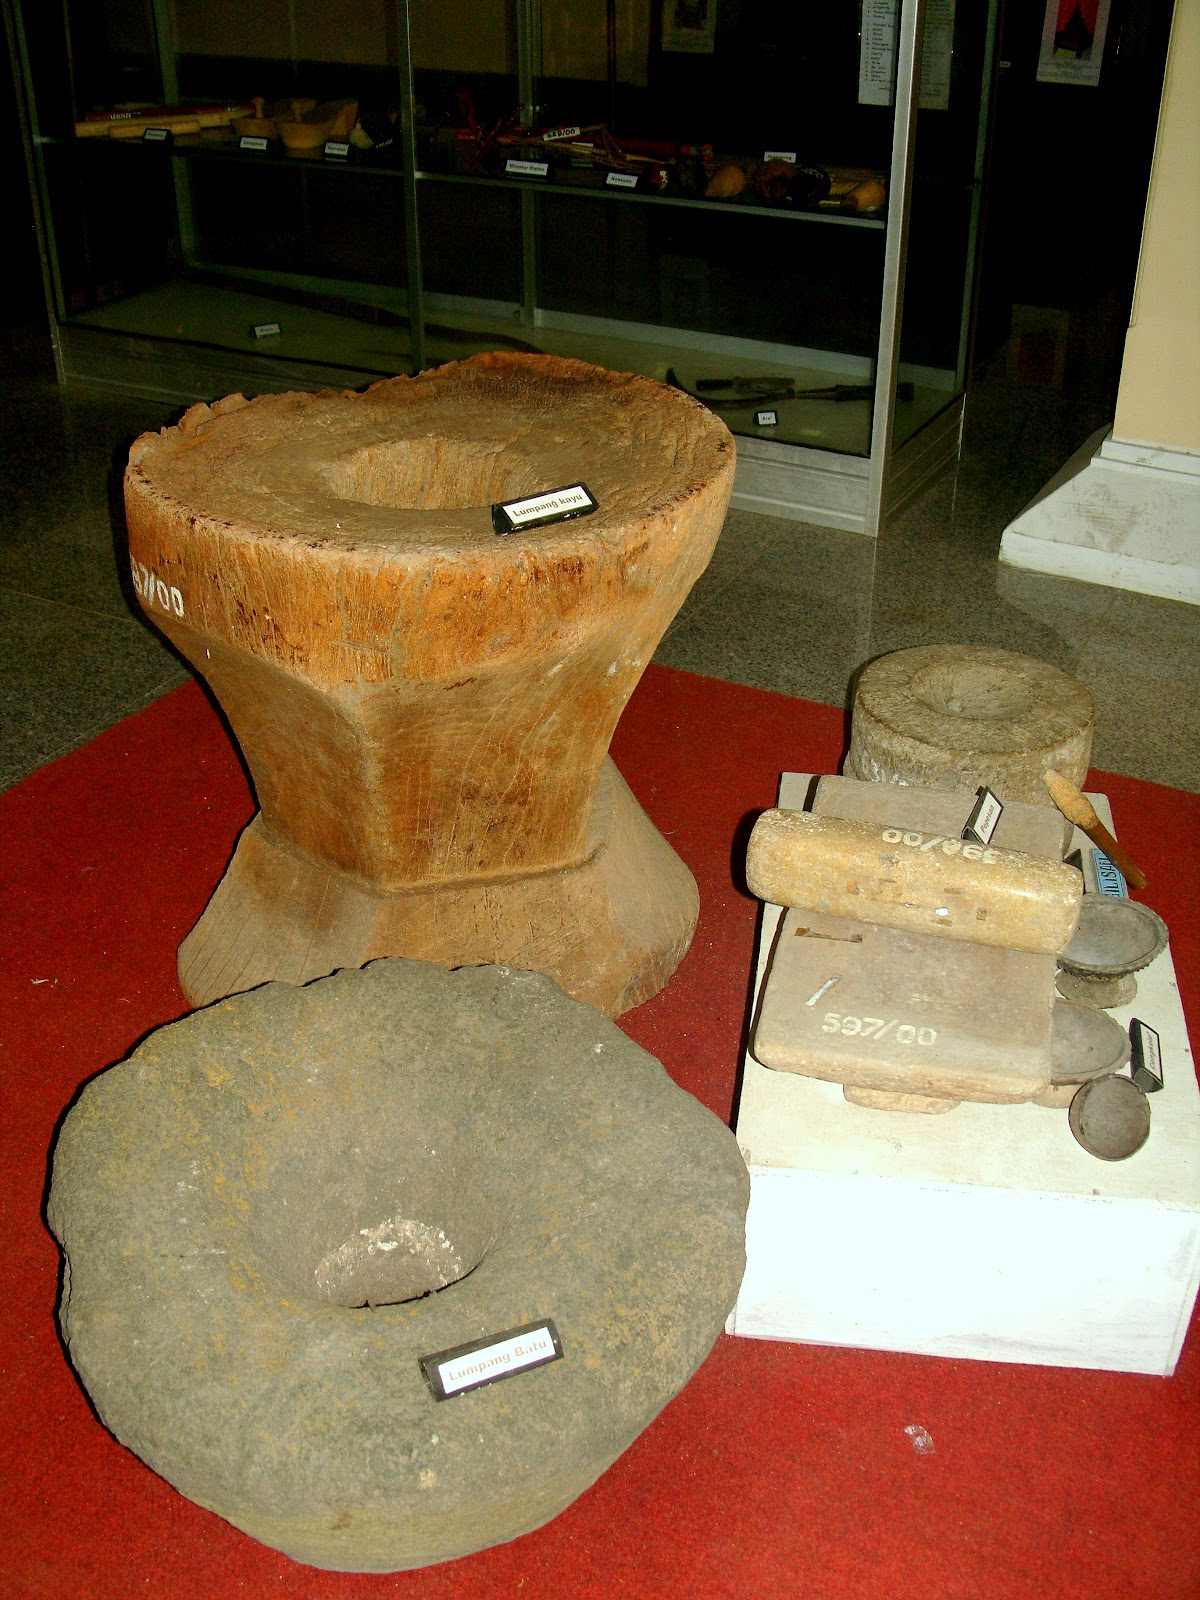 Wisata Sejarah Museum Cakraningrat Bangkalan Madura Gerbang Lumpang Batu Kayu